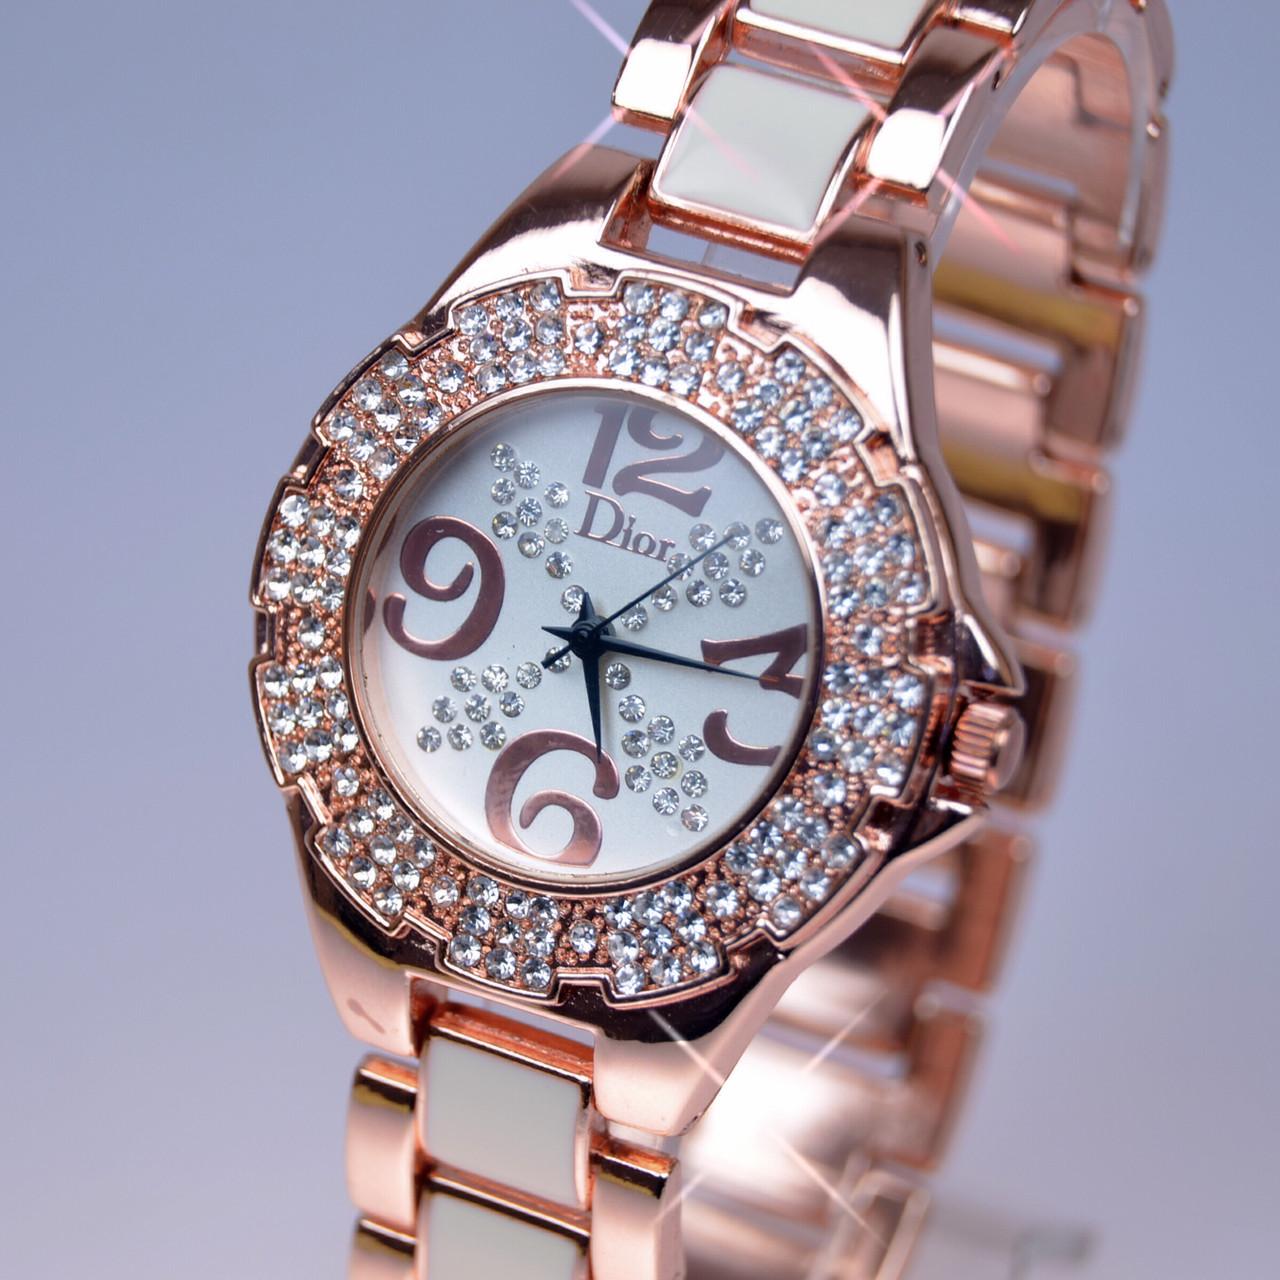 Часы наручные от dior купить напольные часы в красноярске